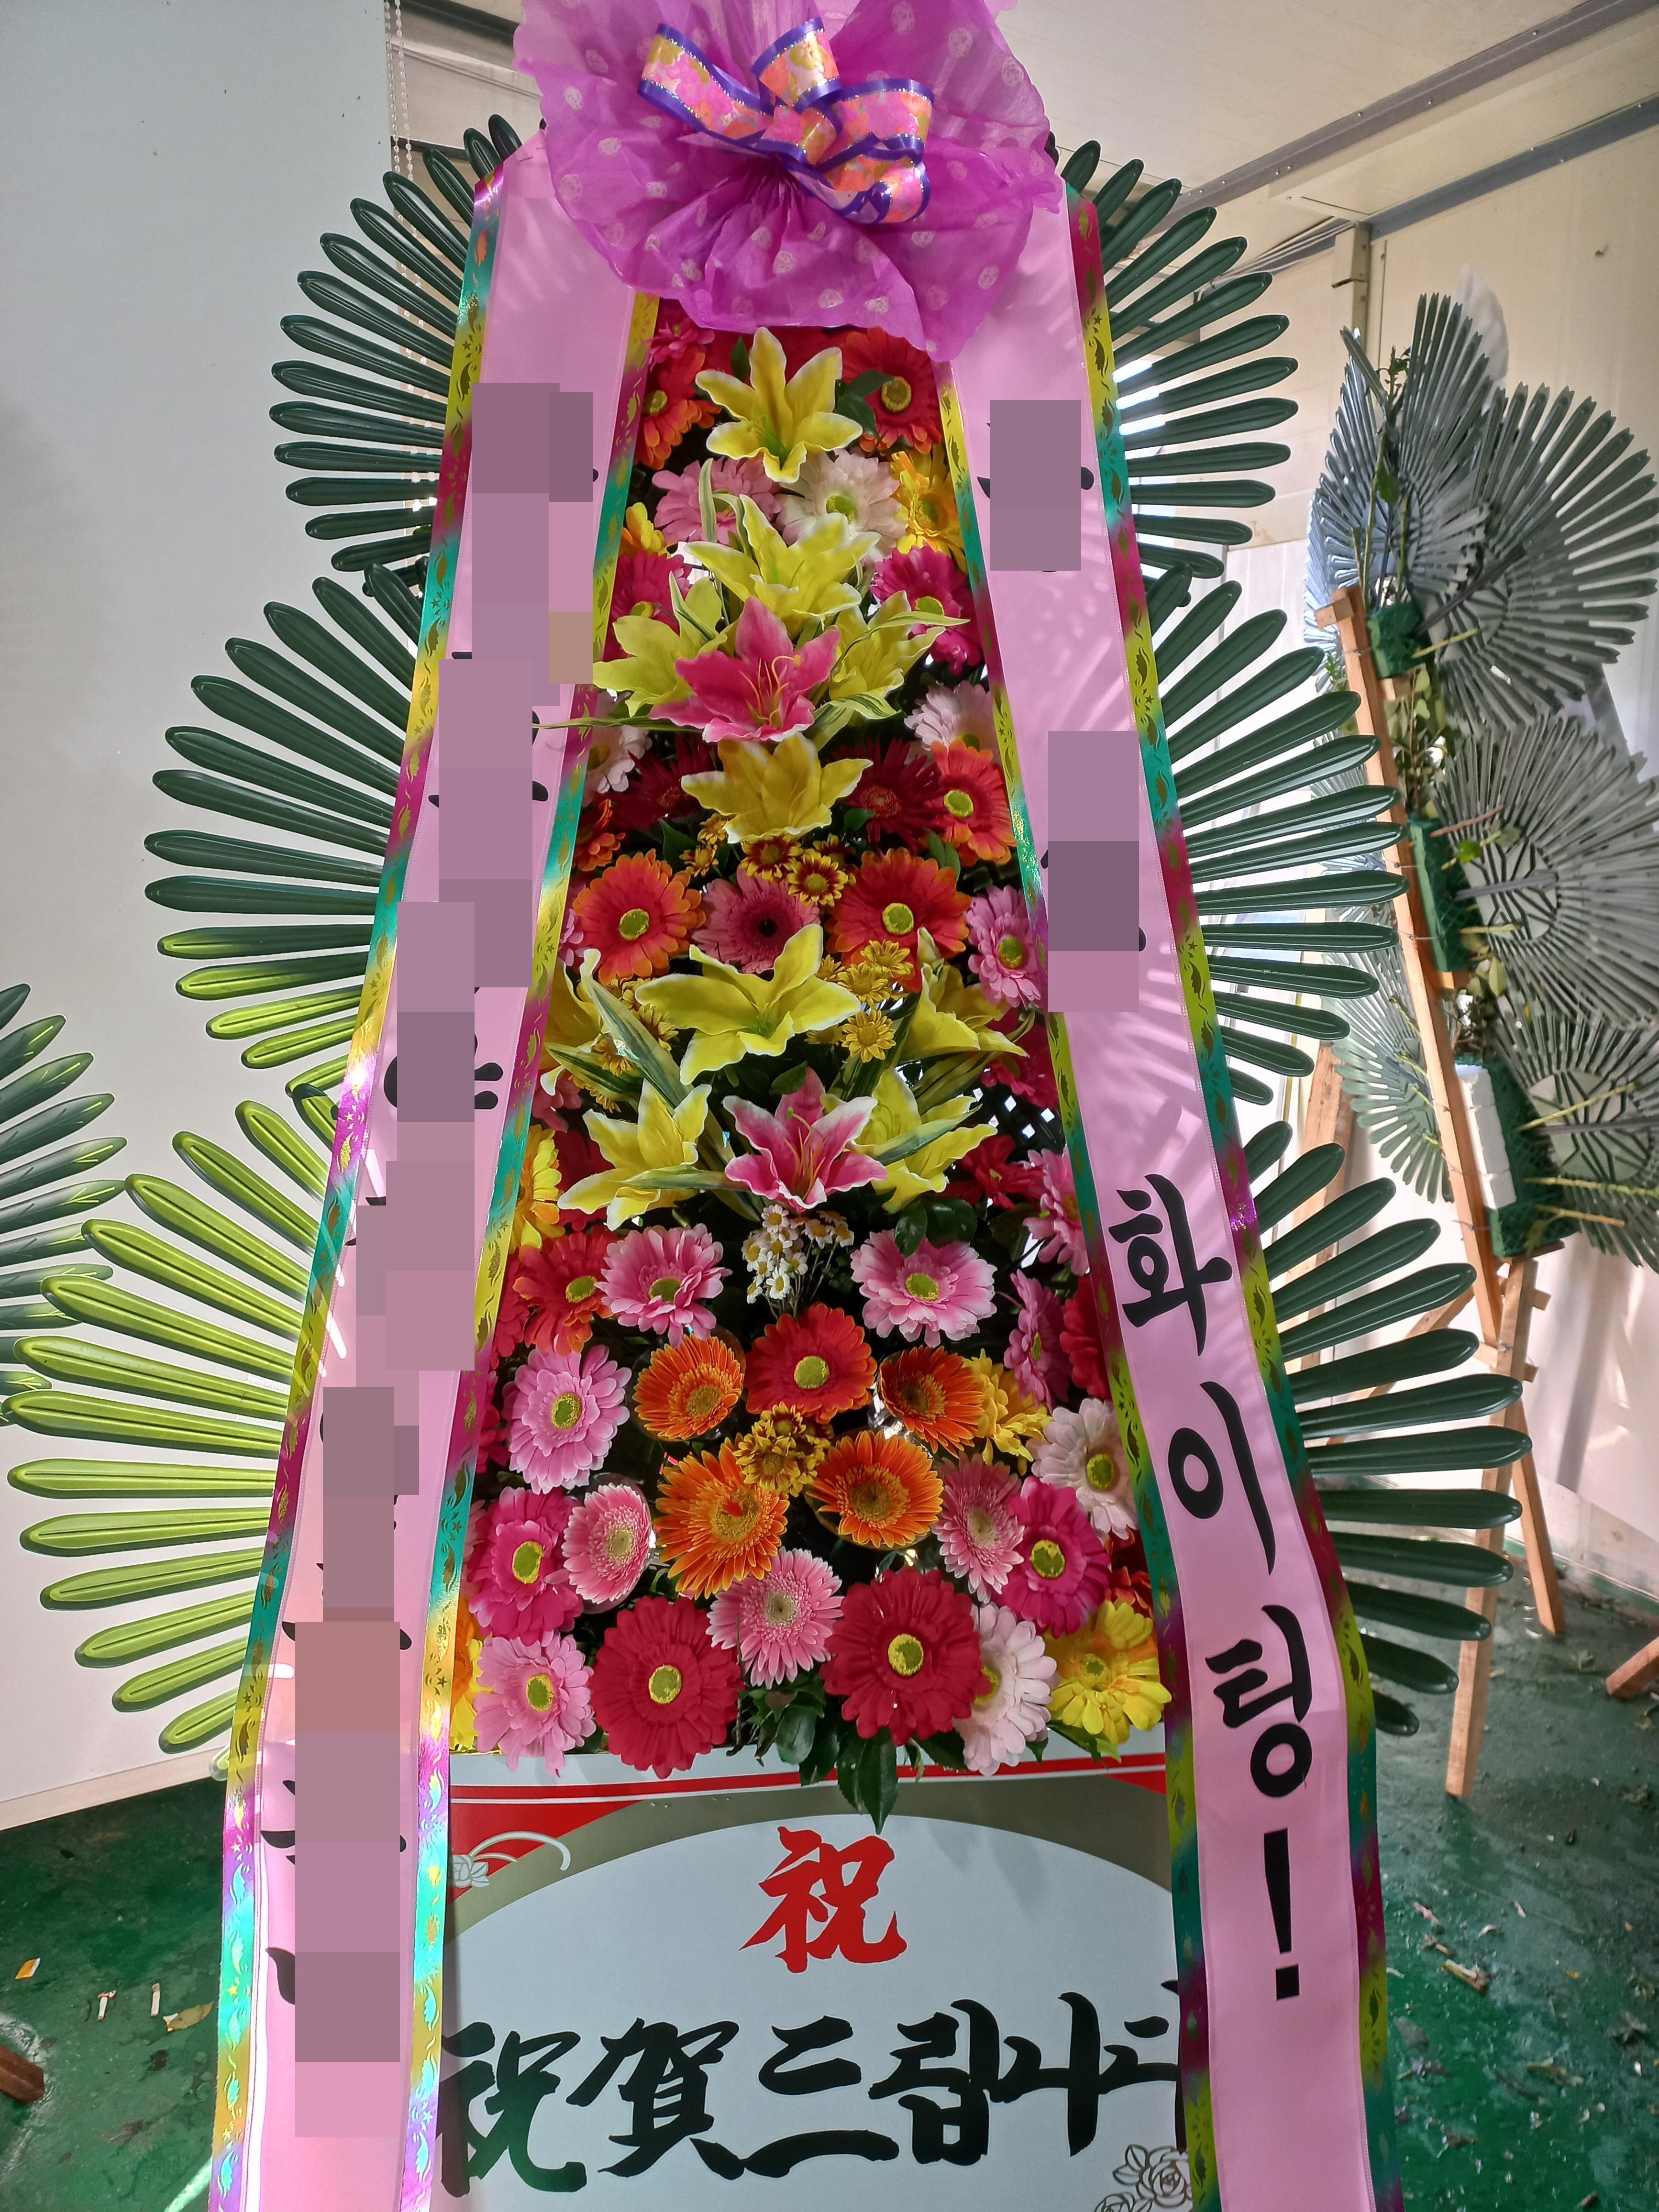 주문자 박00 서울로 배송된 상품사진입니다.